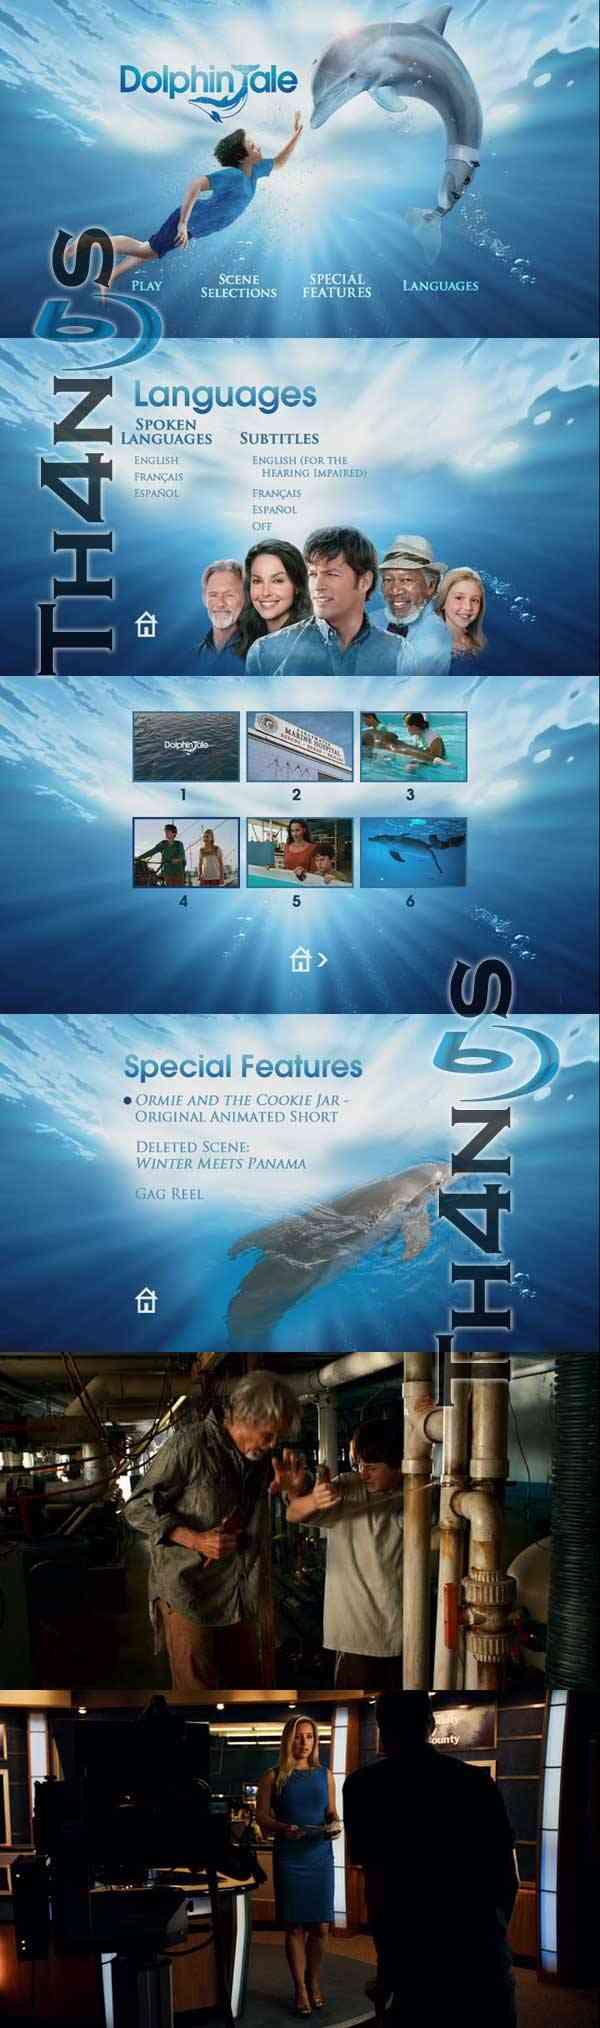 dolphin tale descargar dolphin tale dvd espa u00f1ol latino